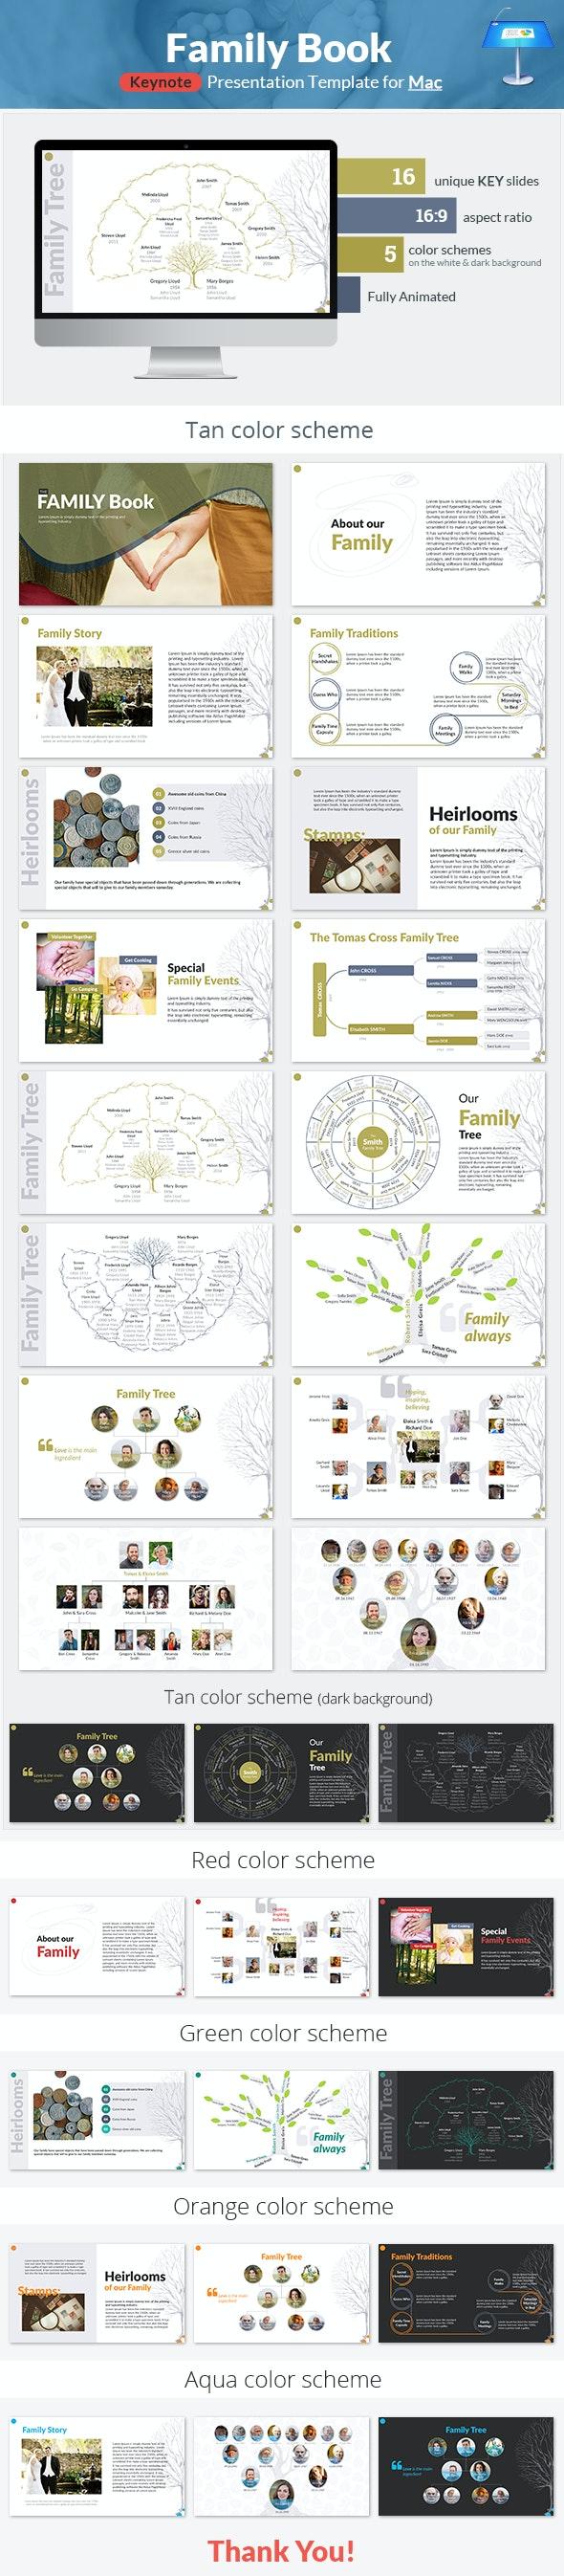 Family Book Keynote Presentation Template - Keynote Templates Presentation Templates